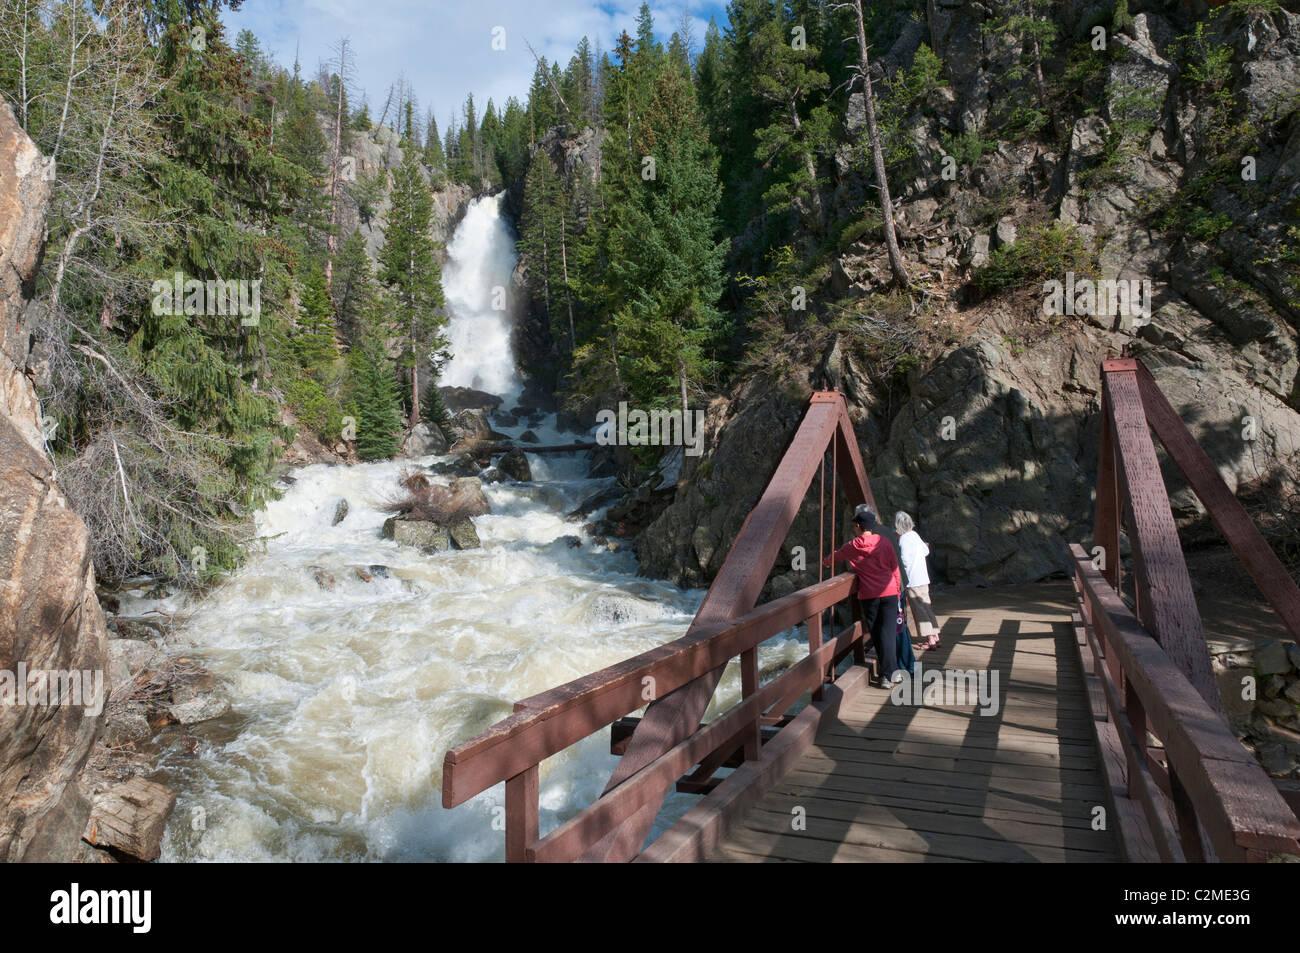 Colorado steamboat springs fish creek falls 283 foot for Fish creek falls